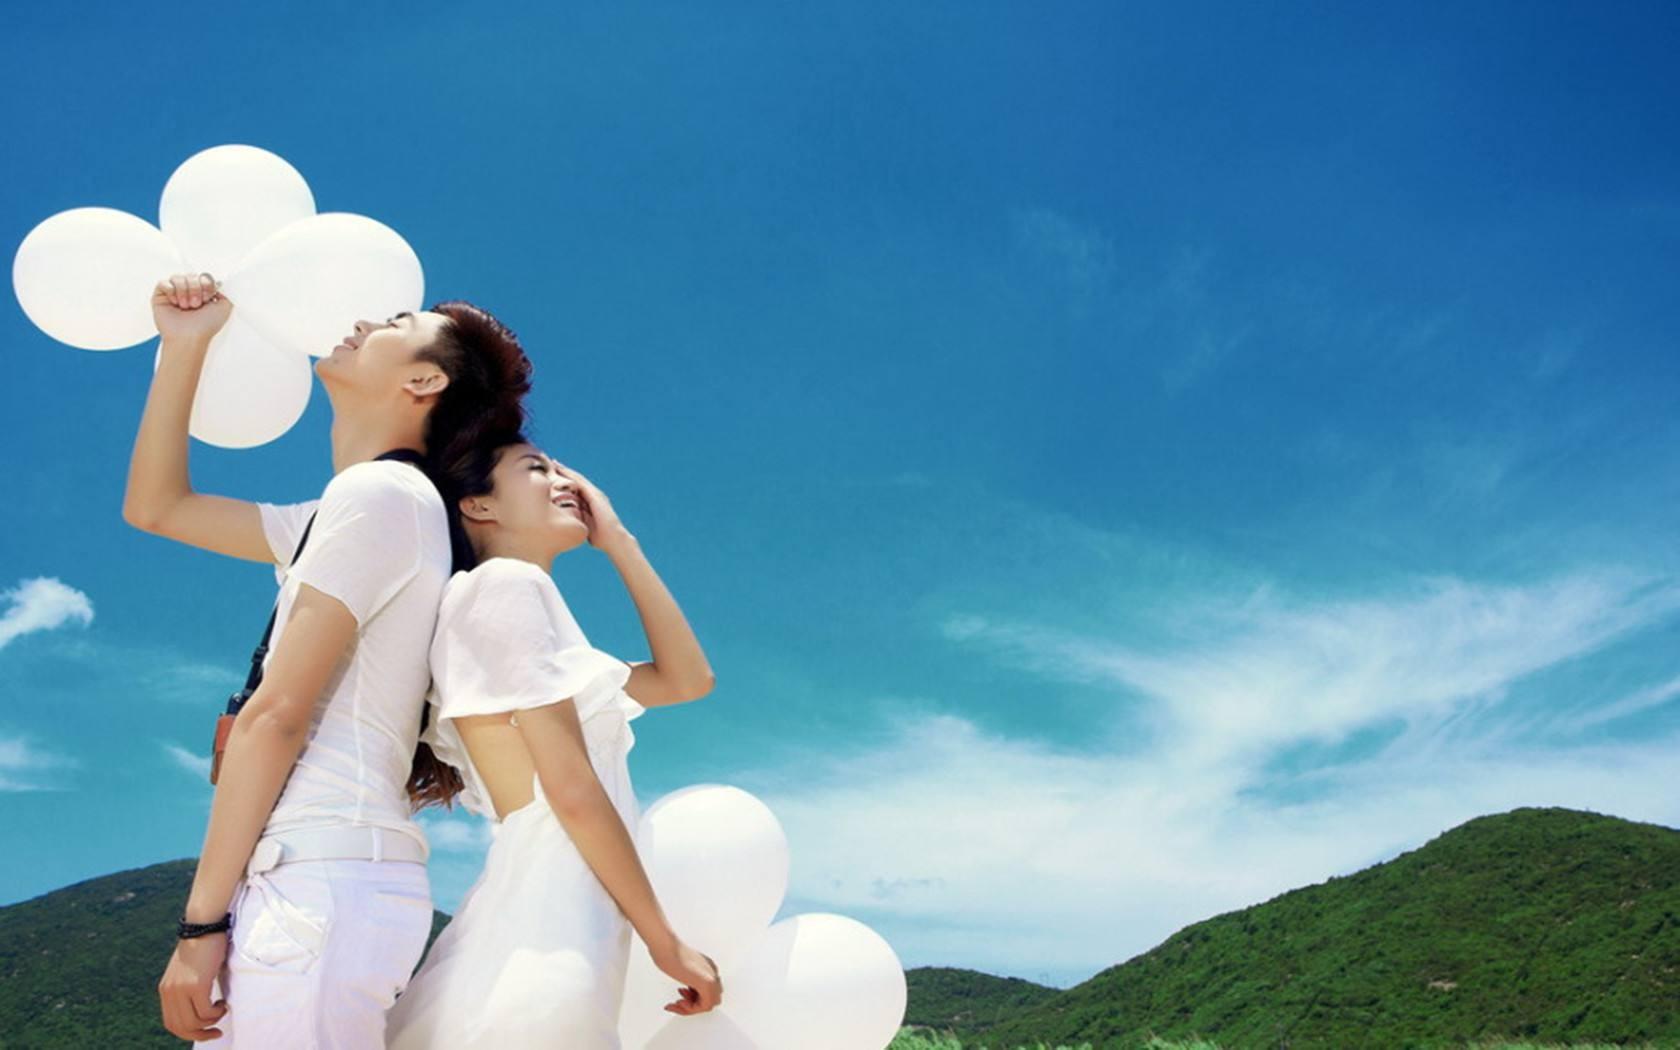 【观点】浅谈一下我的爱情观,期待美好的爱情还是挺好的!